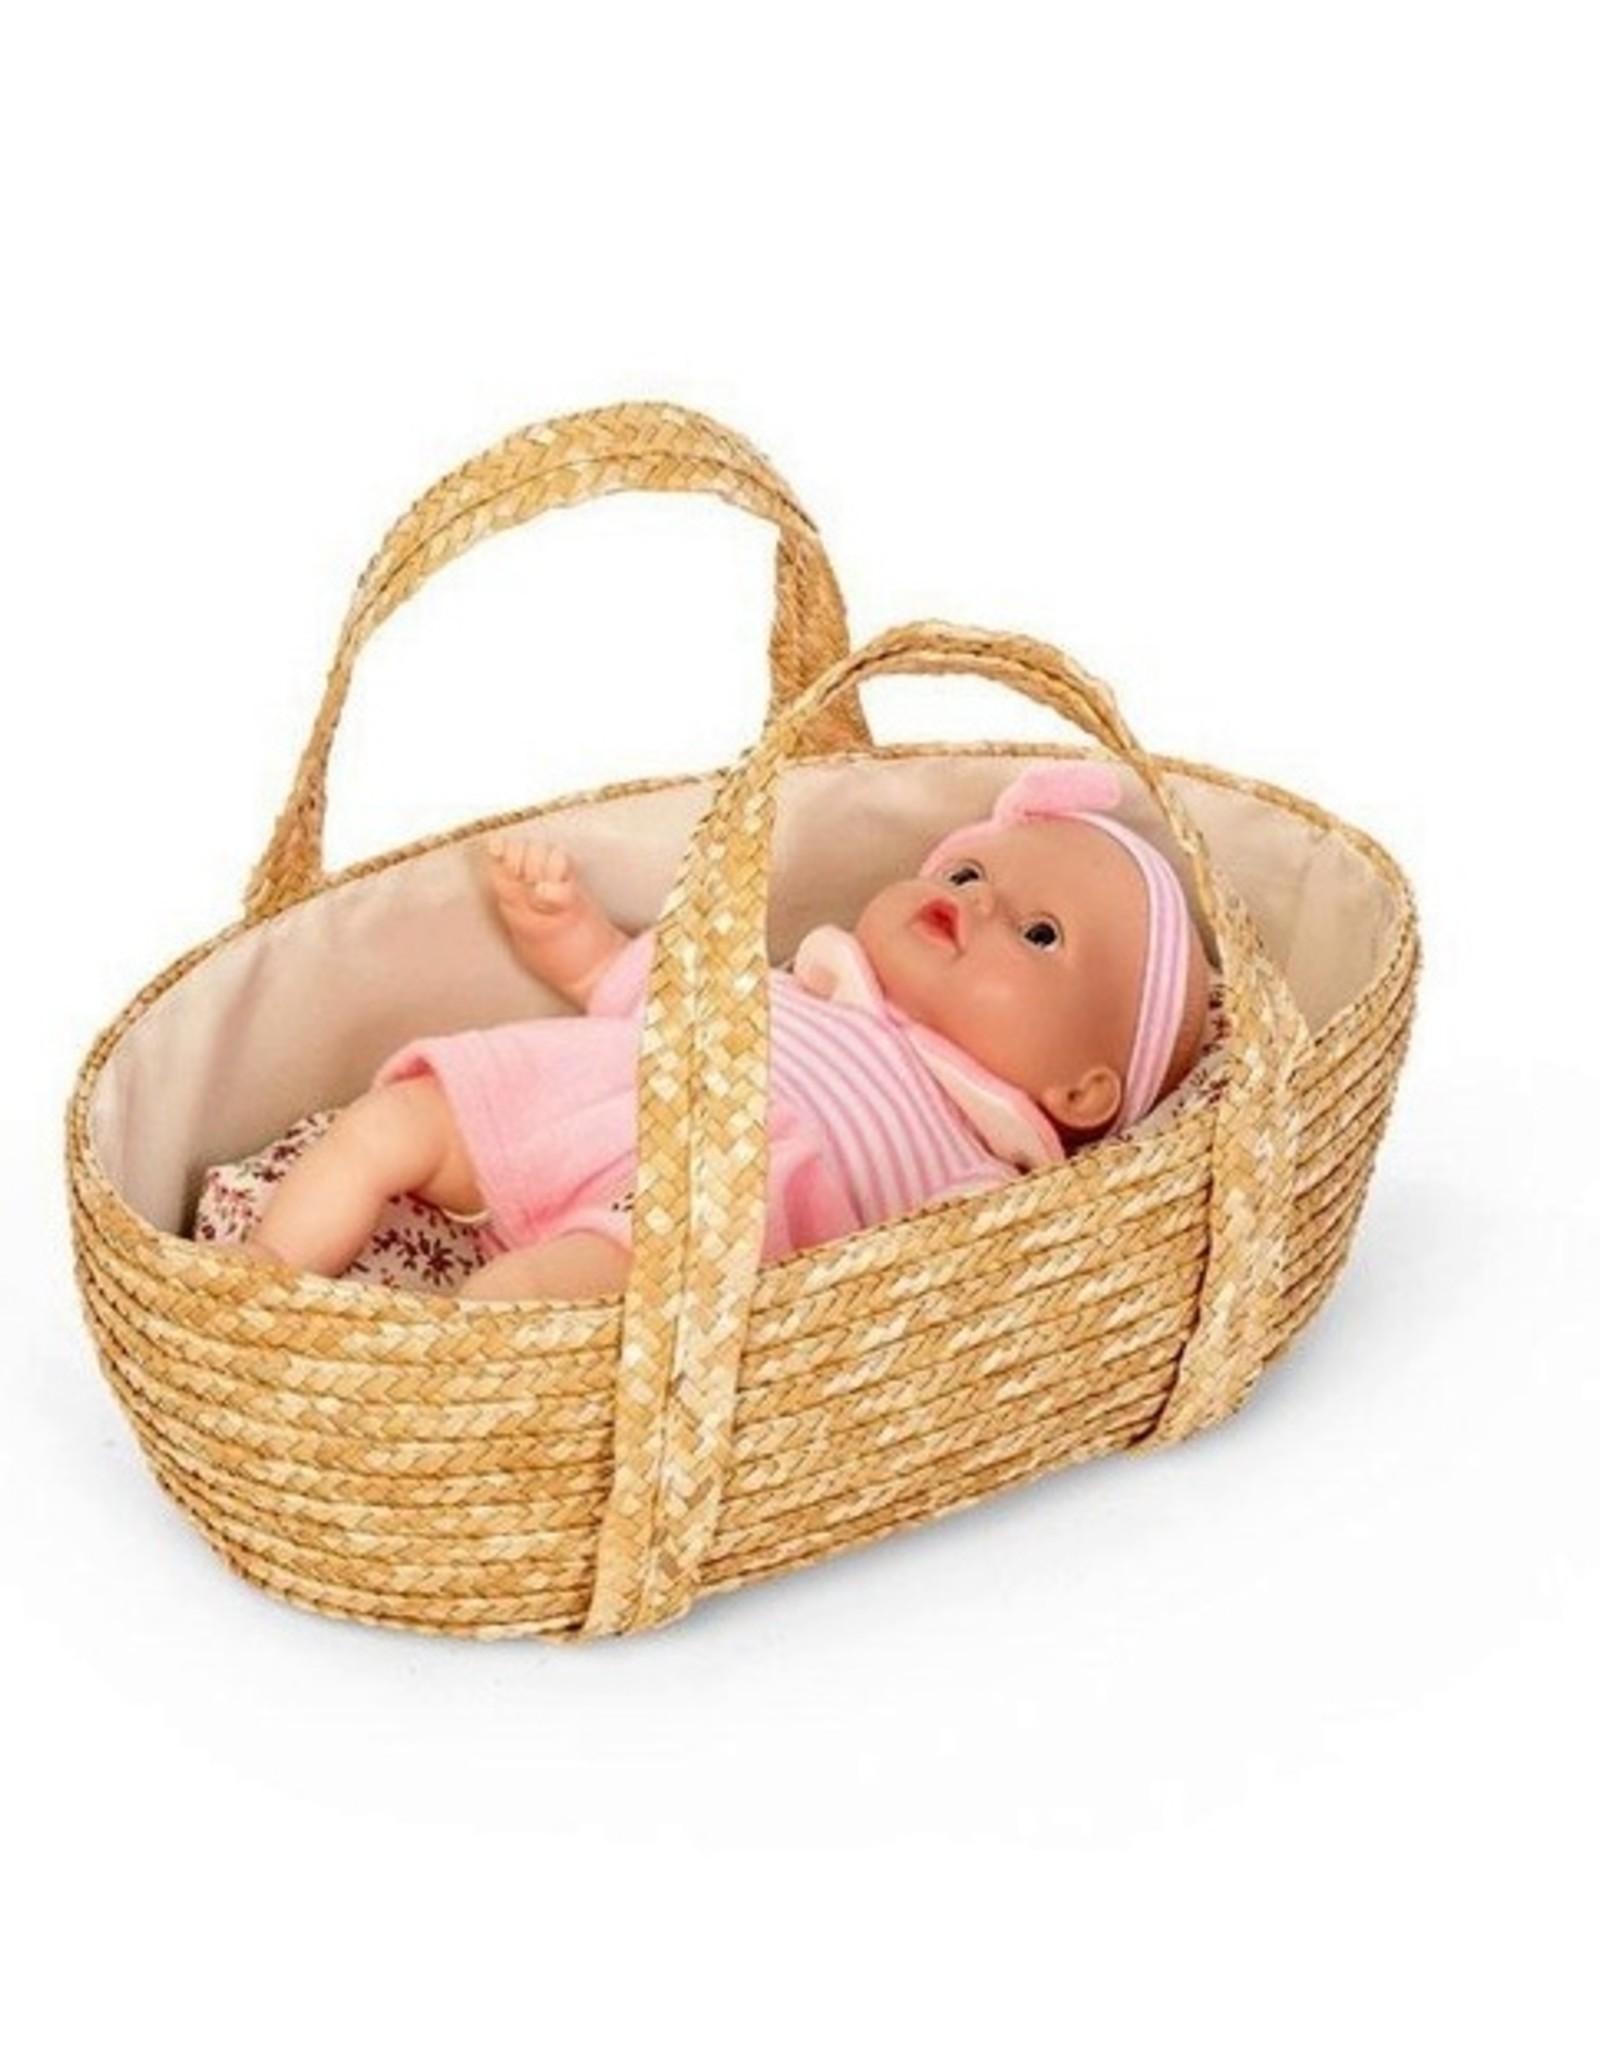 Mini Mommy Rieten Poppenreiswieg met bedsetje 35cm